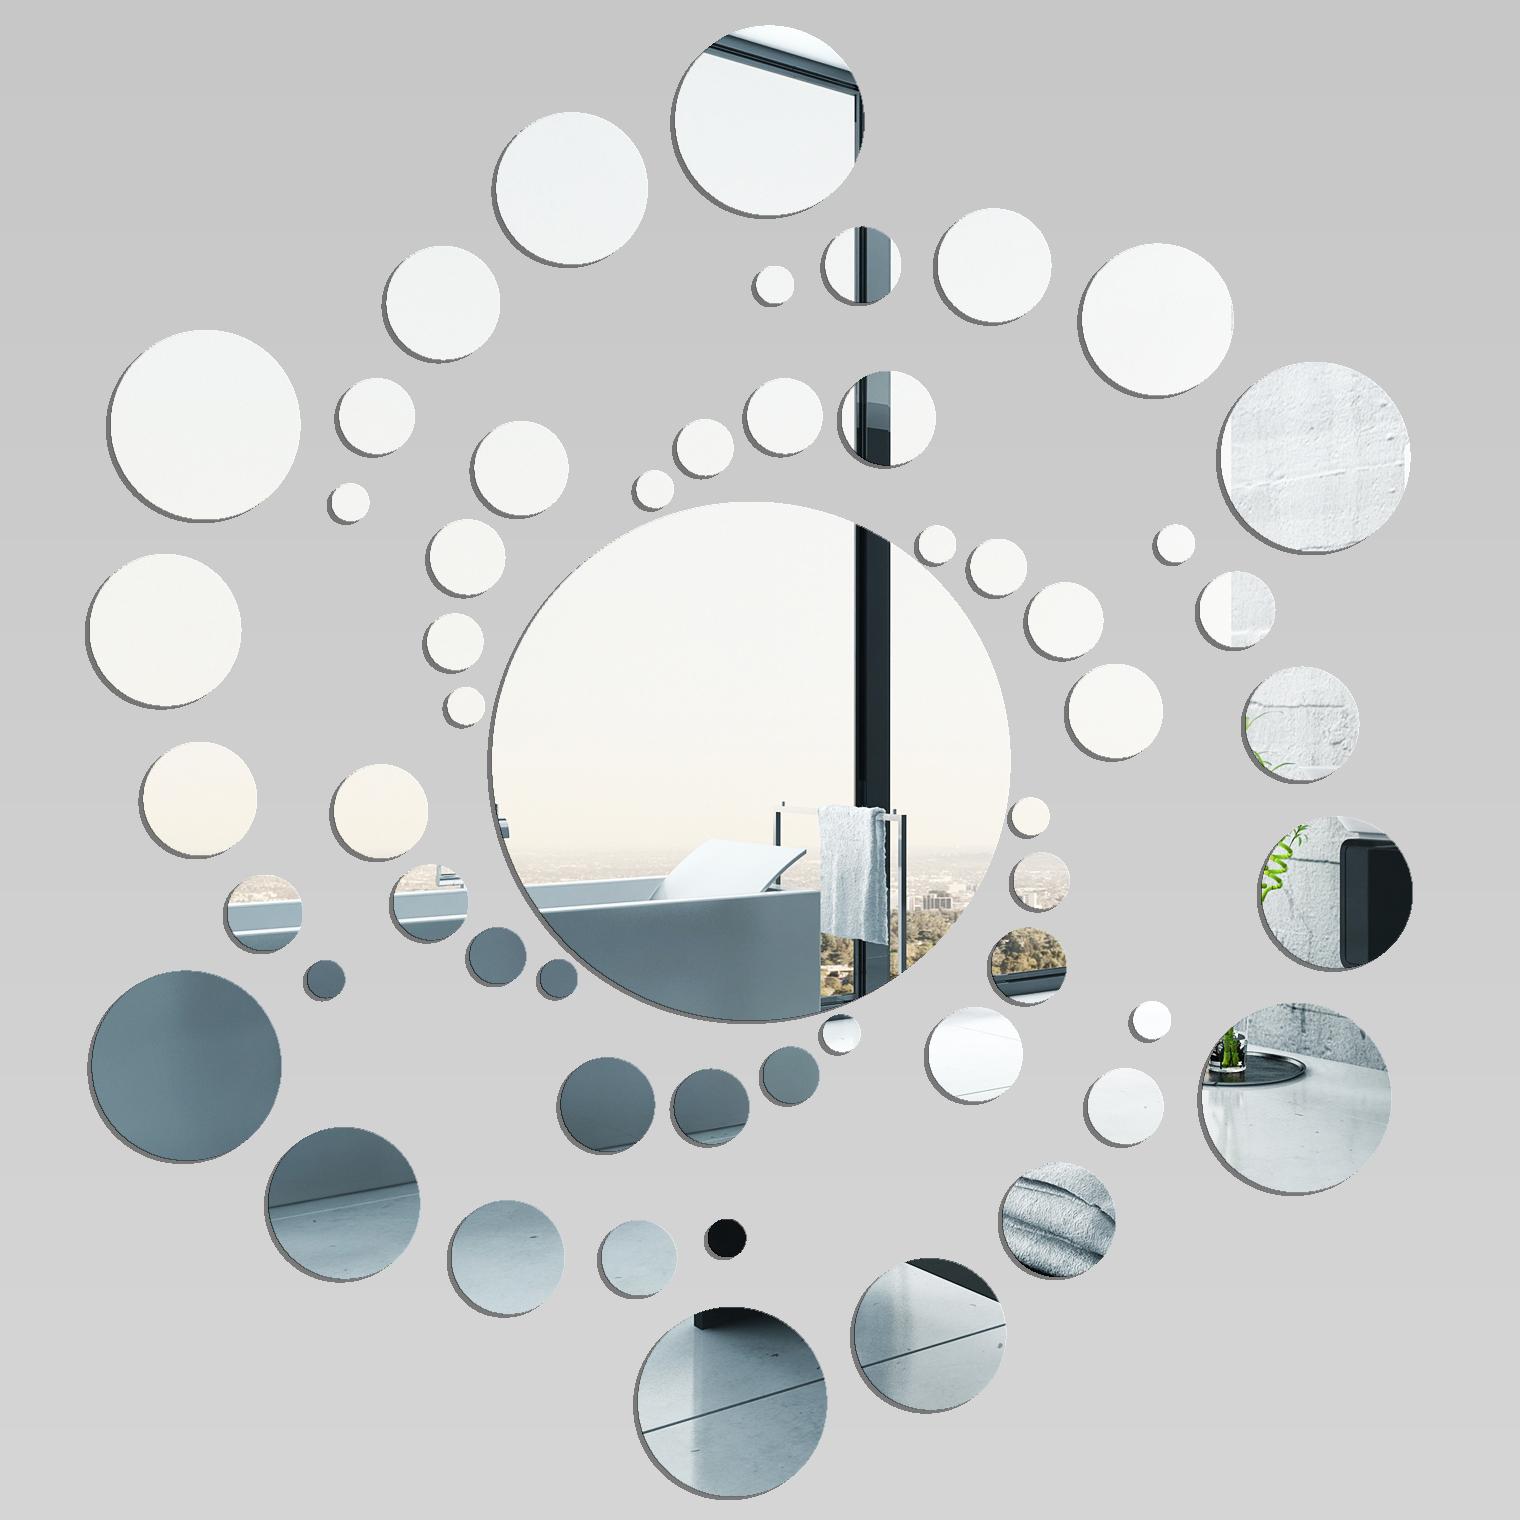 Vinilos folies espejos decorativo acr lico pl xiglas espiral for Espejos con mesas decorativos